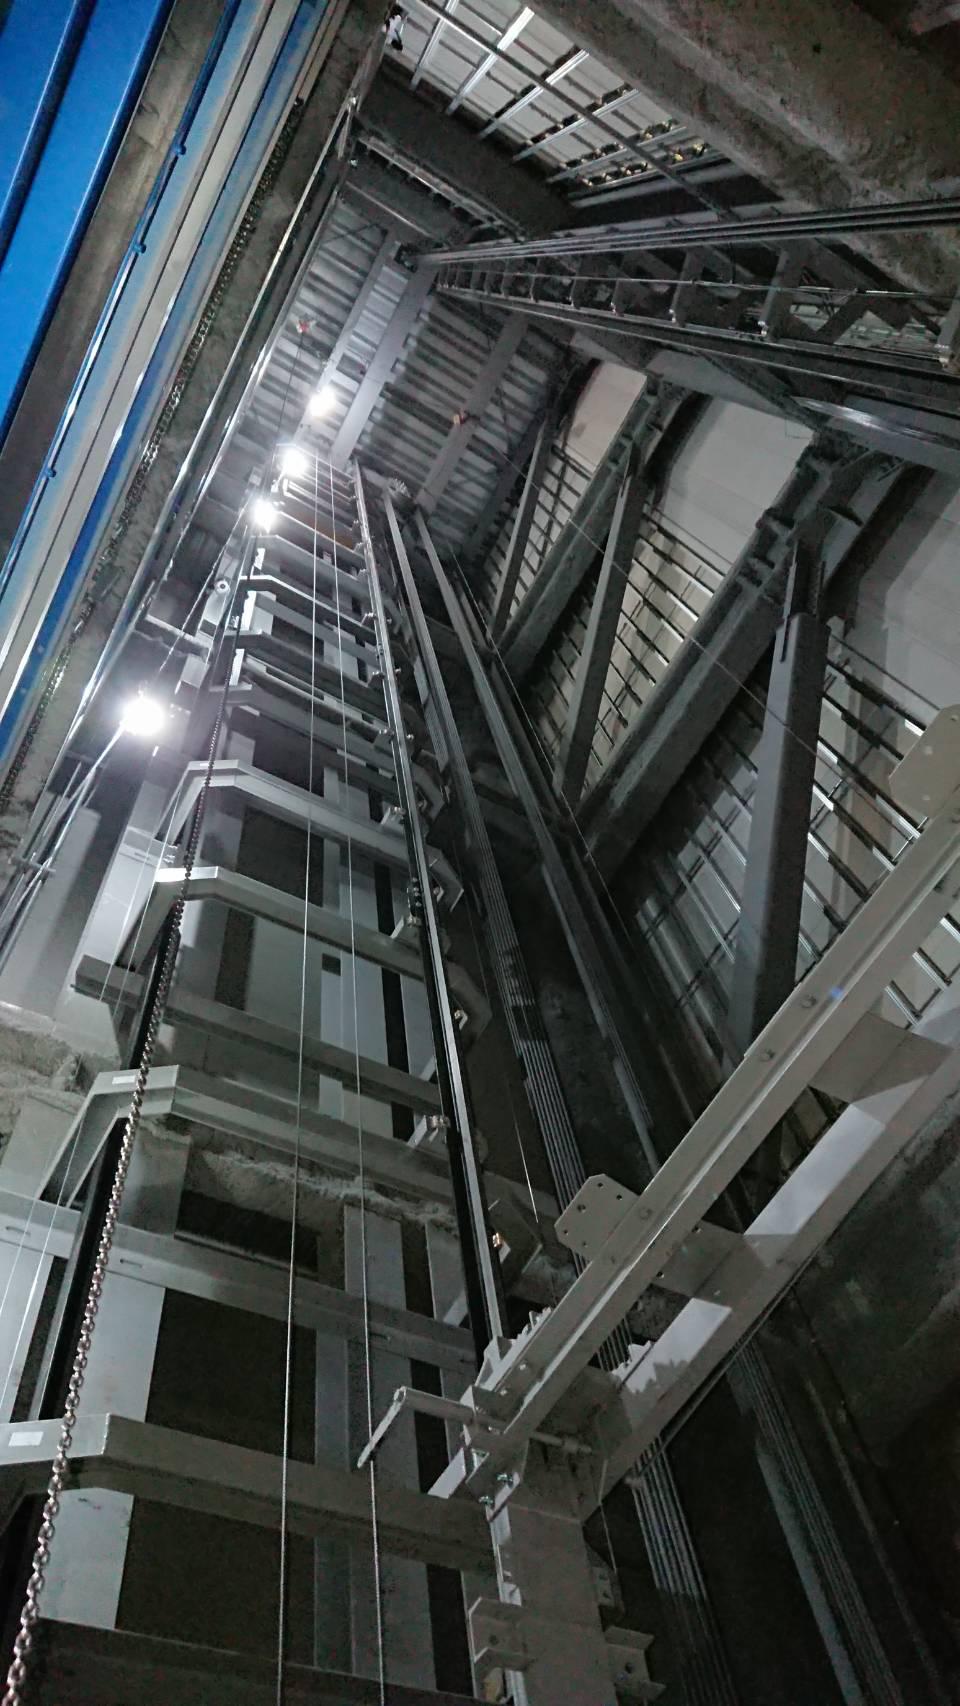 エレベーター・中の構造